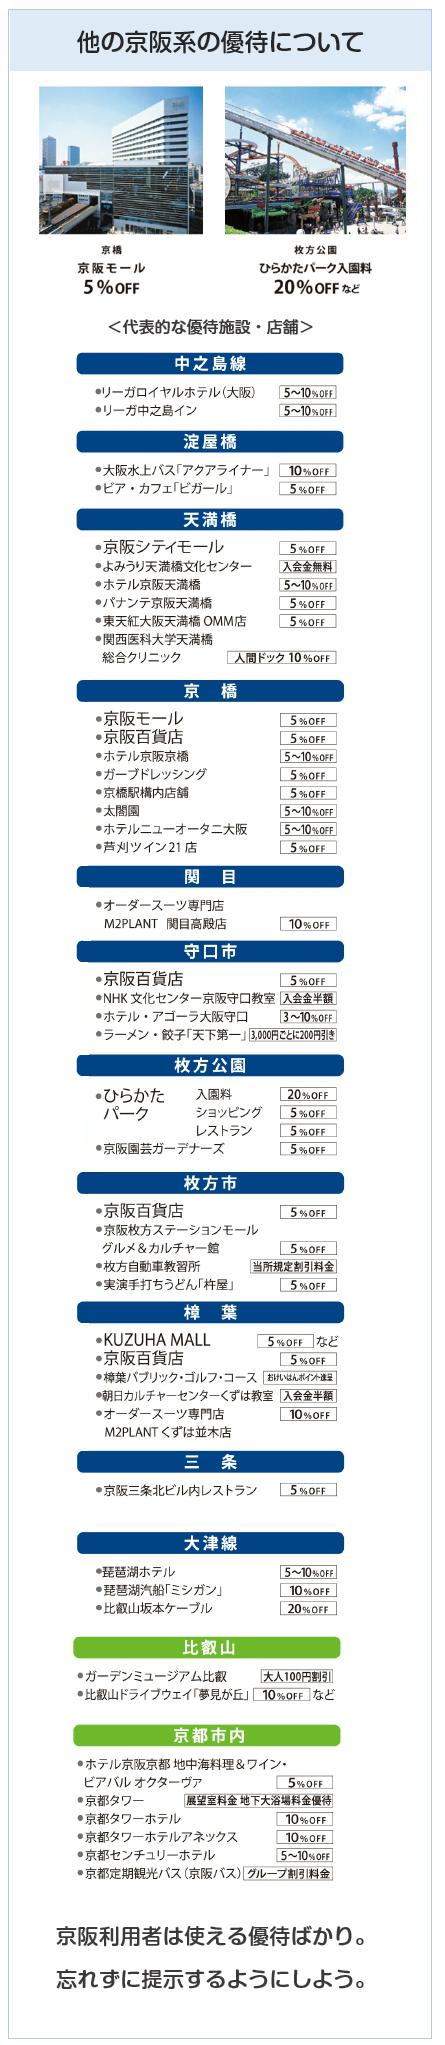 京阪カード(e-kenet VISAカードPiTaPa)の京阪系での特典について